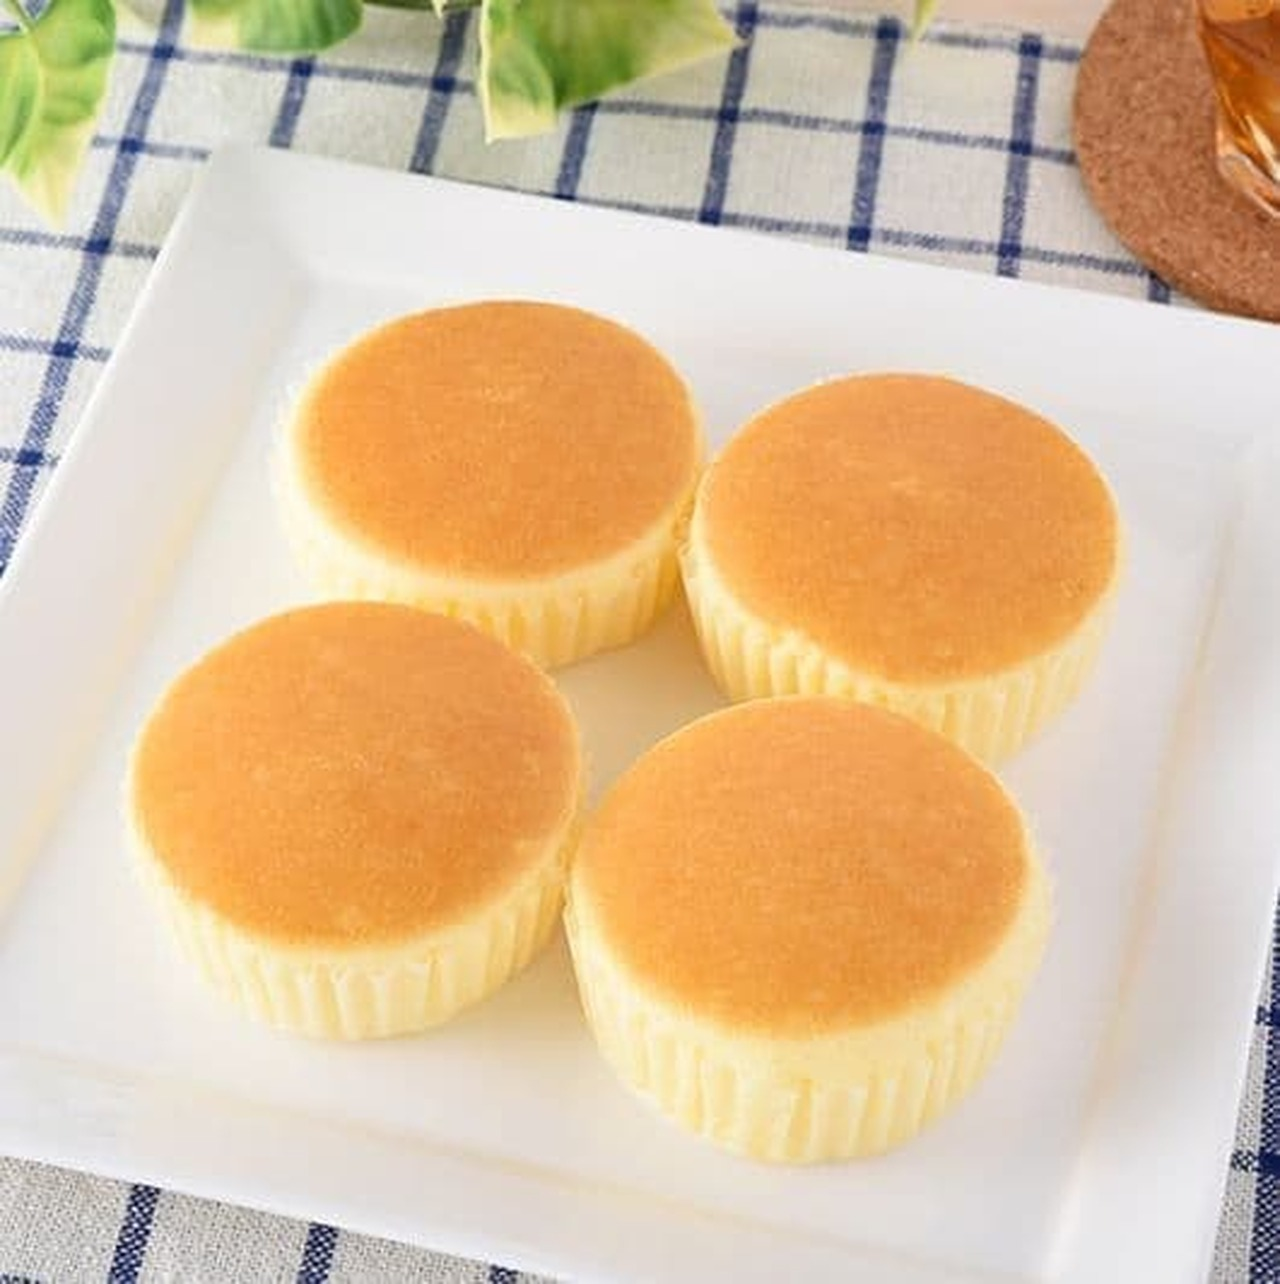 ファミリーマート「チーズ蒸しケーキ(北海道産チーズ)4個入」